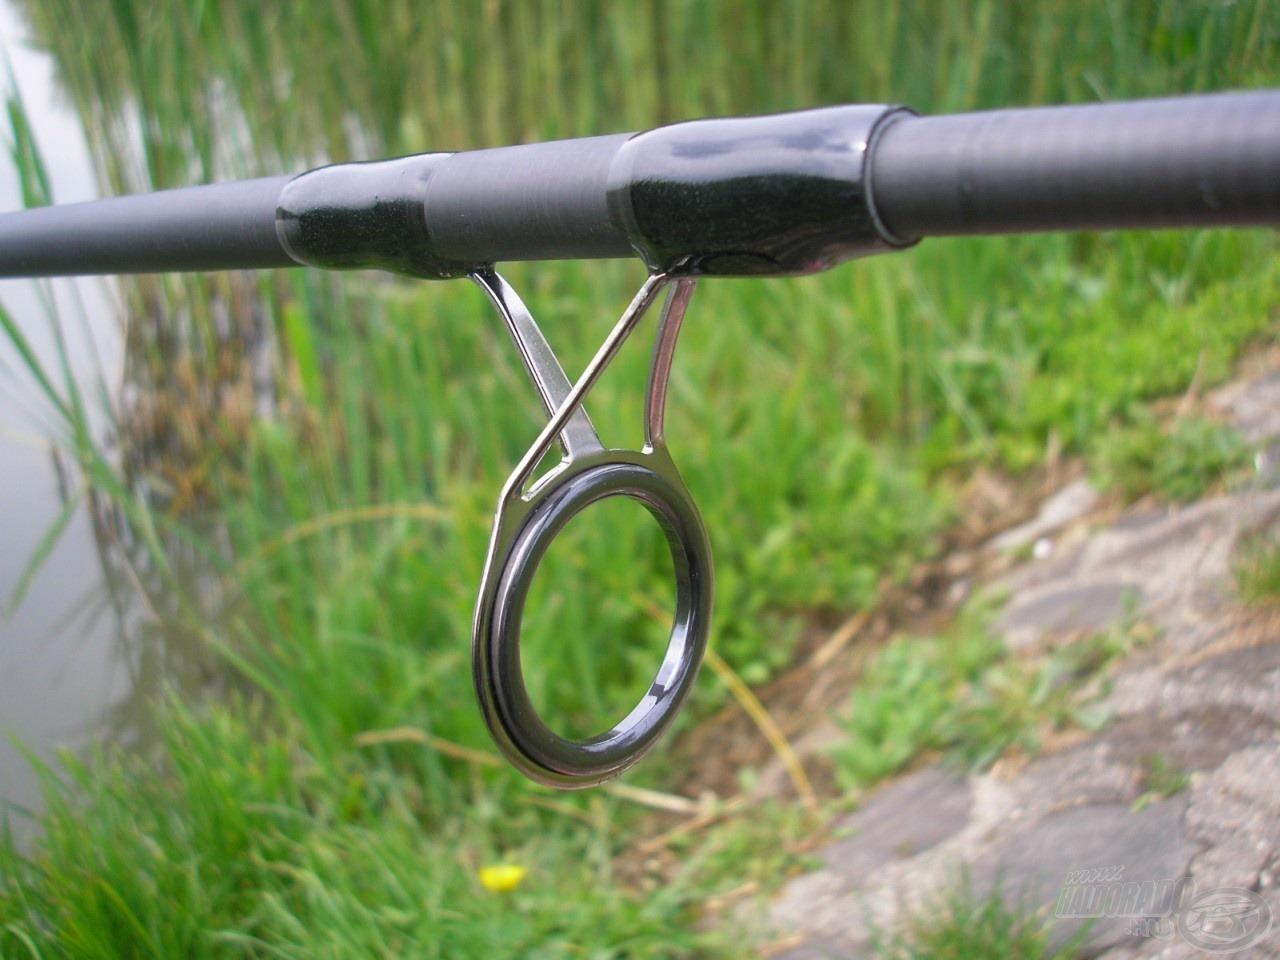 Hatalmas - a zsinór lefutásánál szinte csak asszisztáló -, 30 mm-es belső átmérővel rendelkező keverőgyűrű